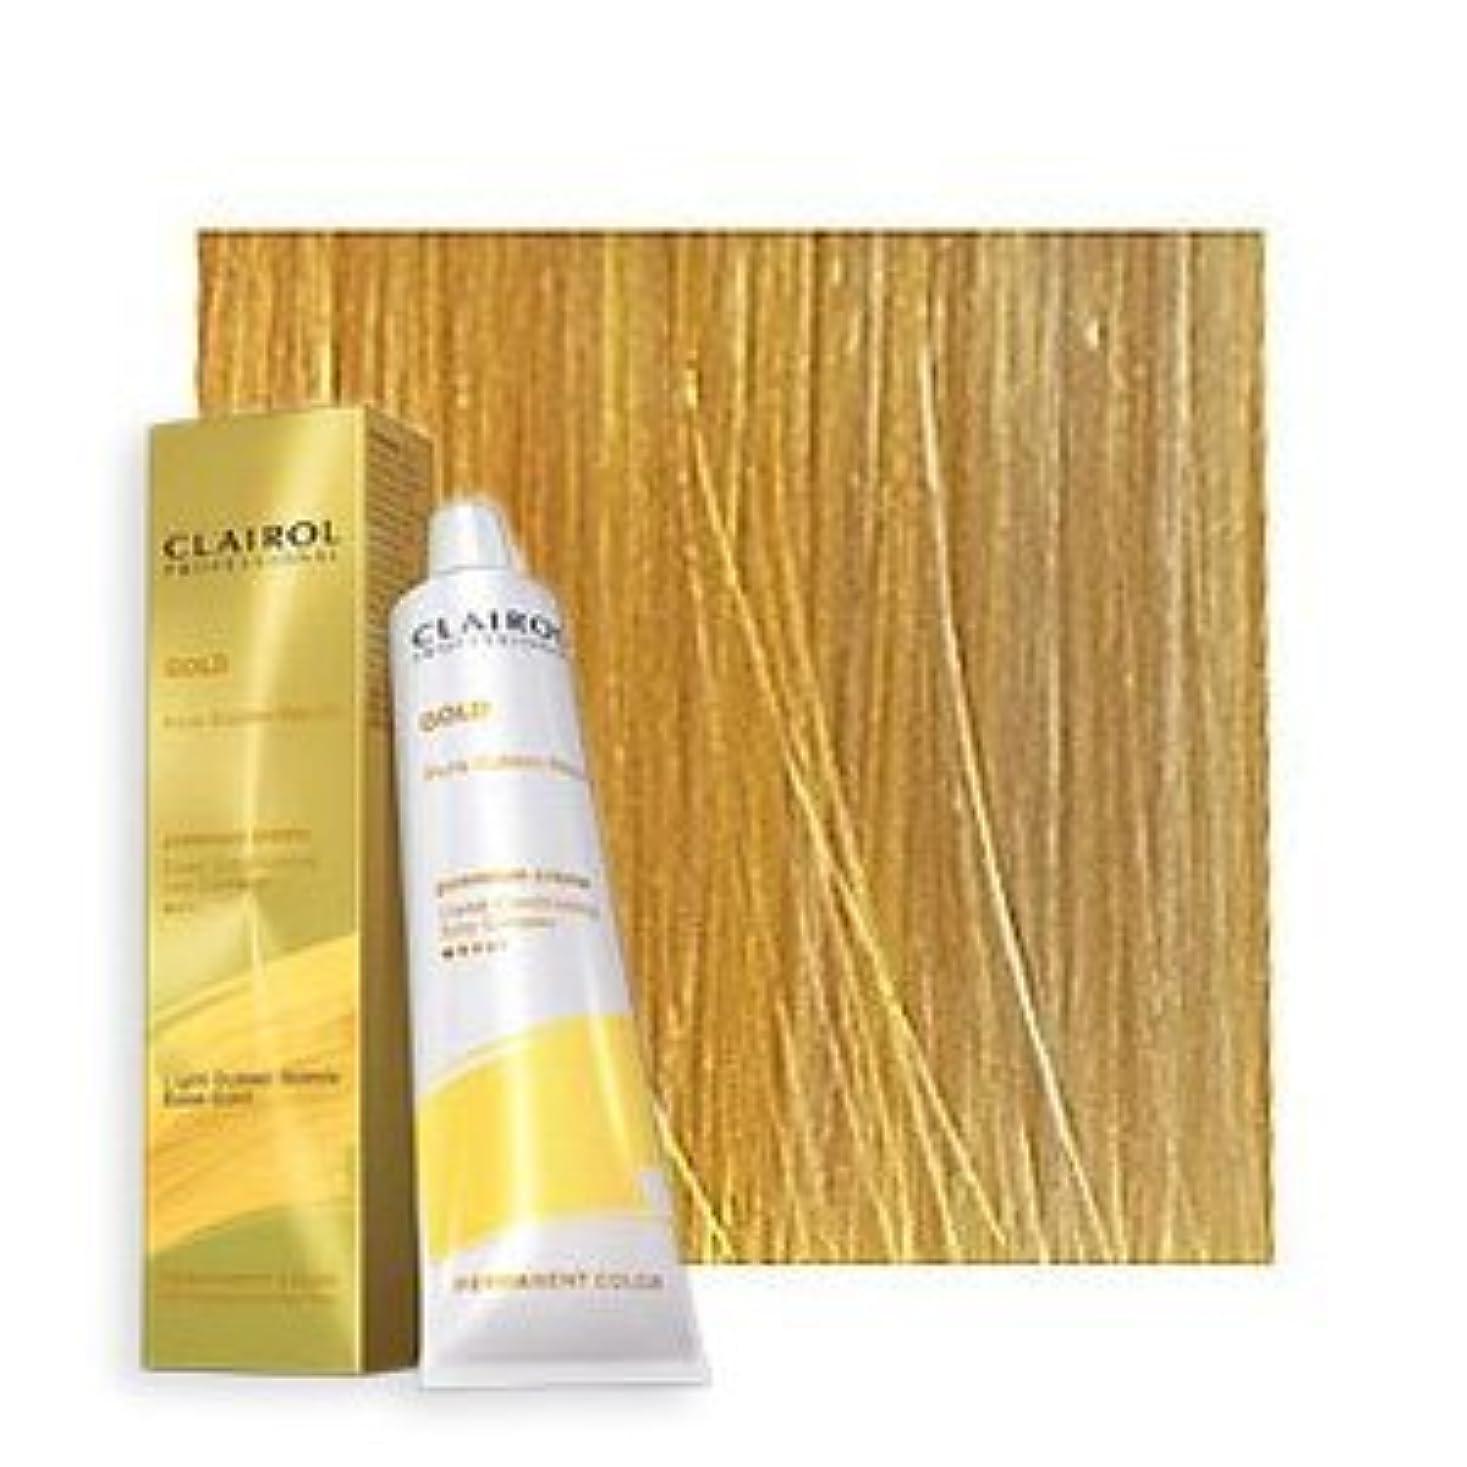 列挙する厚い素敵なClairol Professional - SOY4PLEX - Lightest Golden Blonde 10G - 2 oz / 57 g